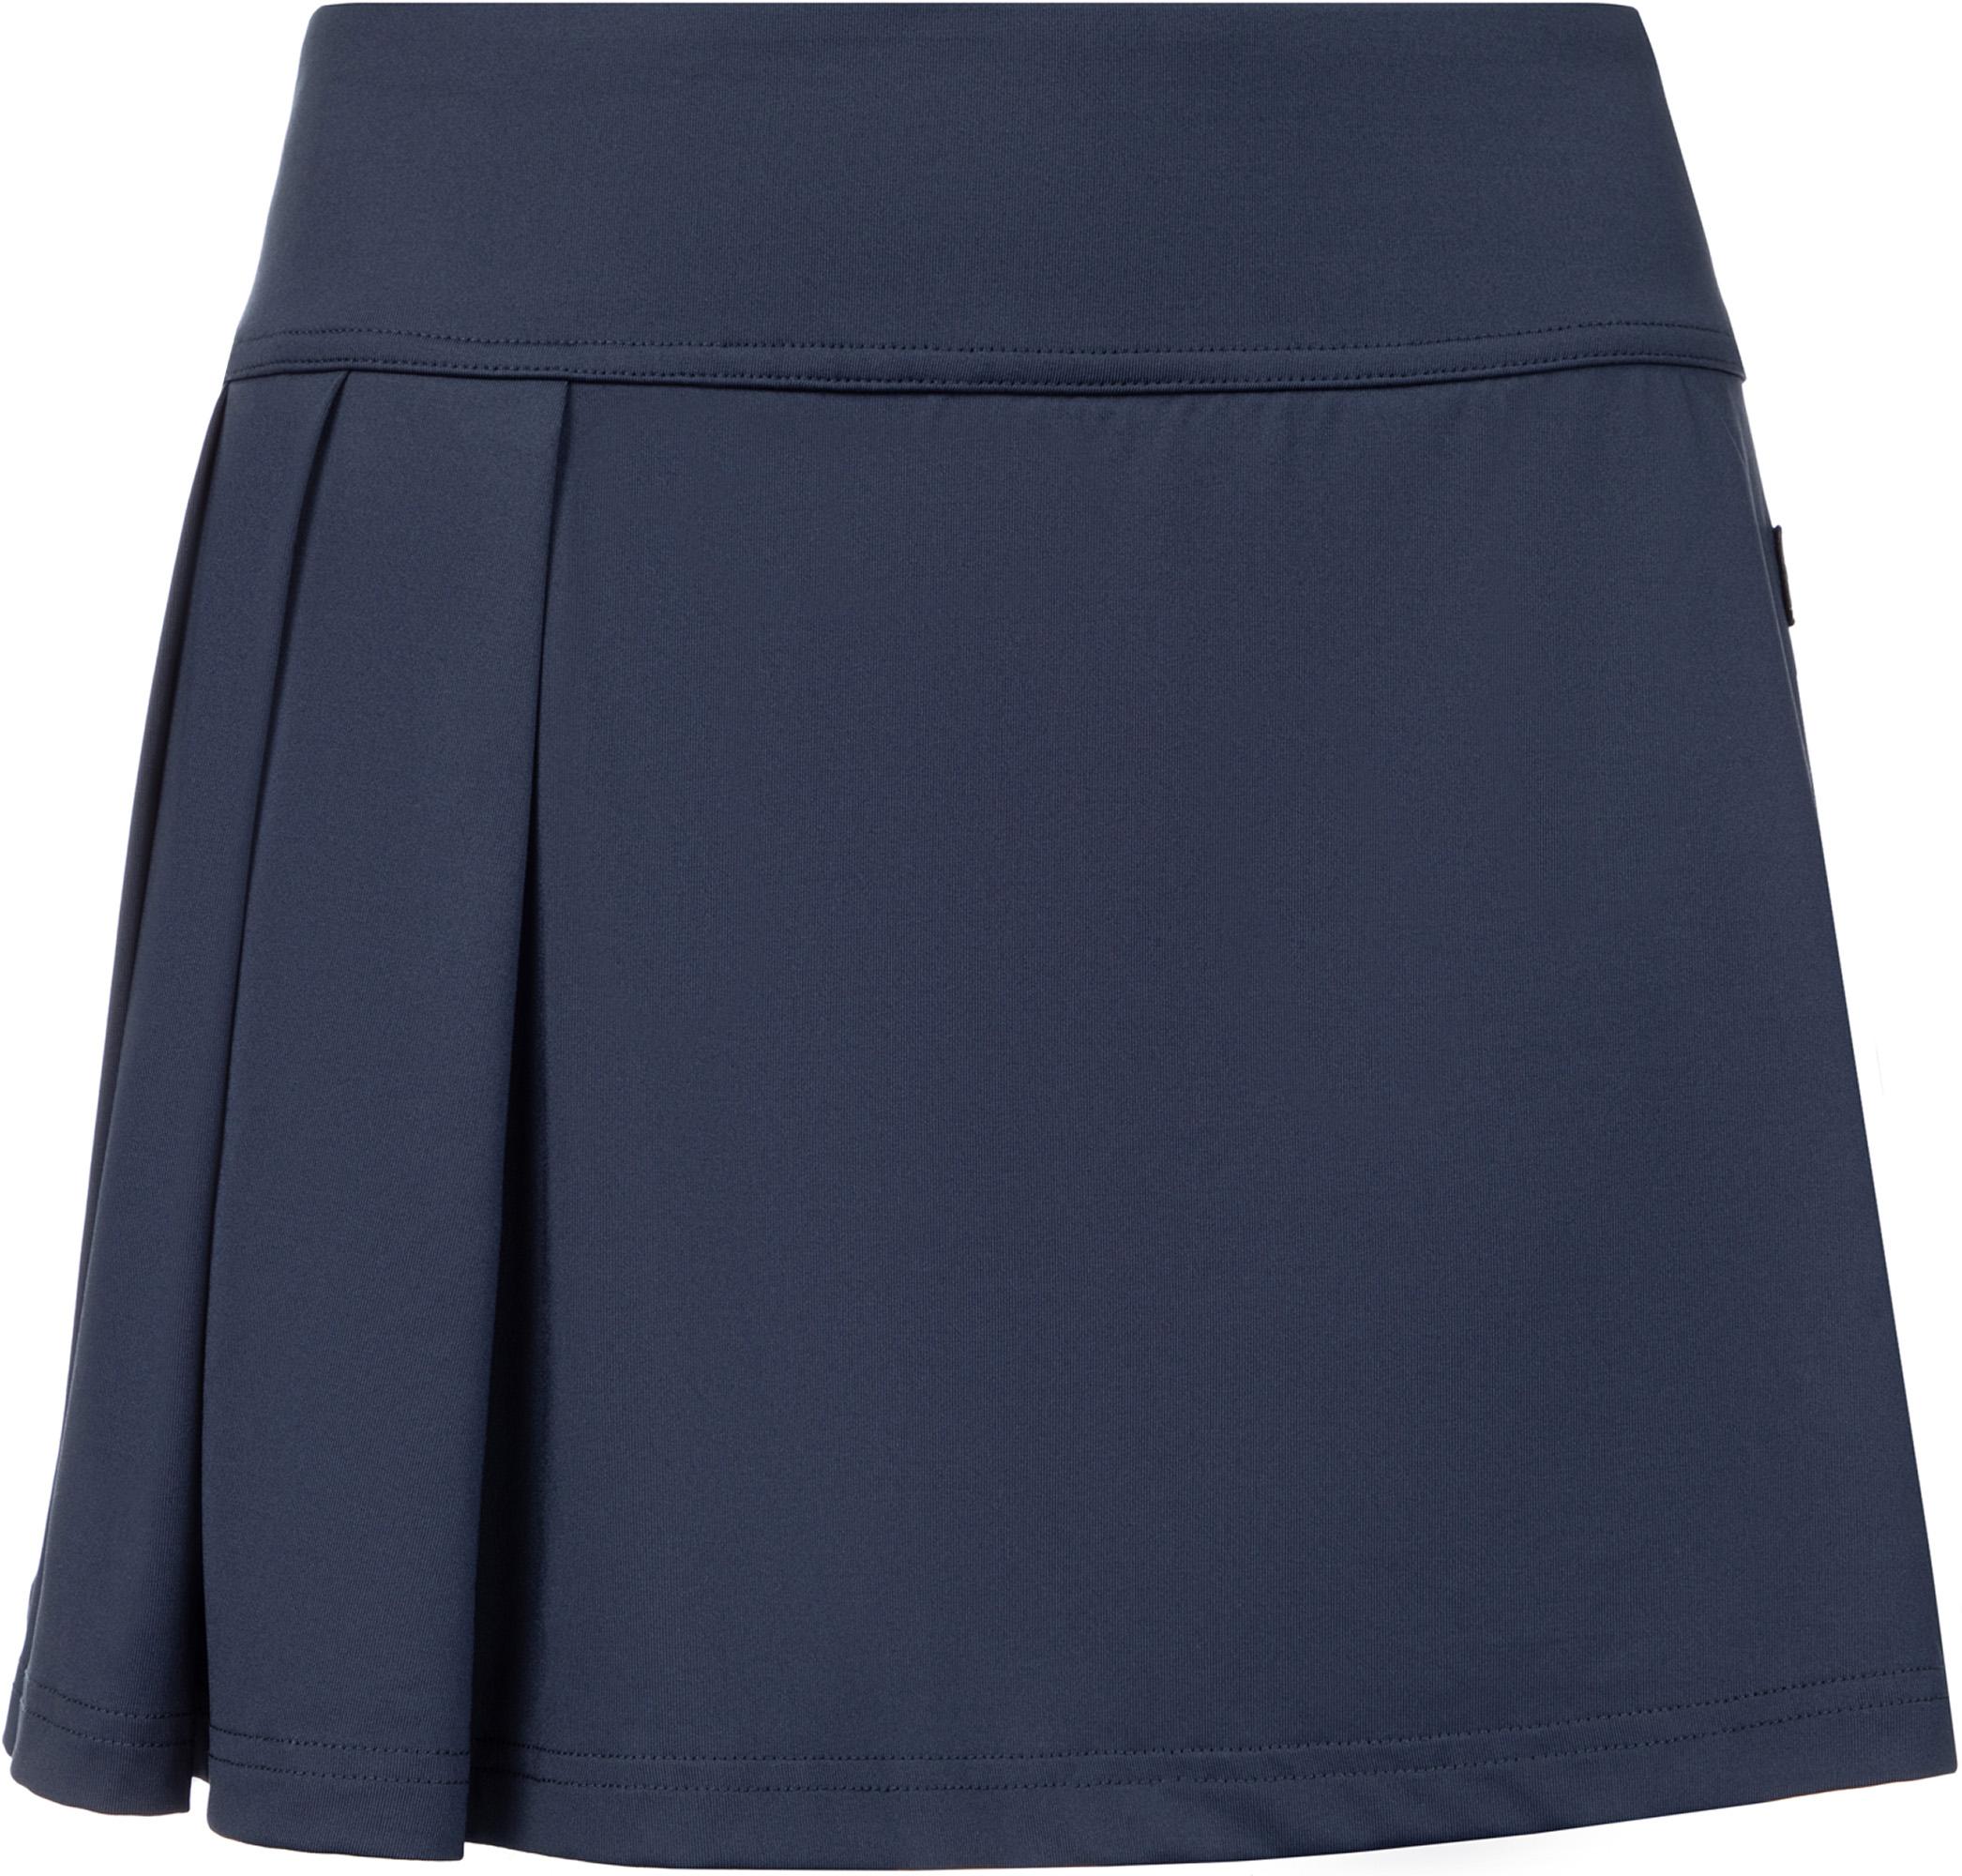 цена на Fila Юбка-шорты женская Fila, размер 48